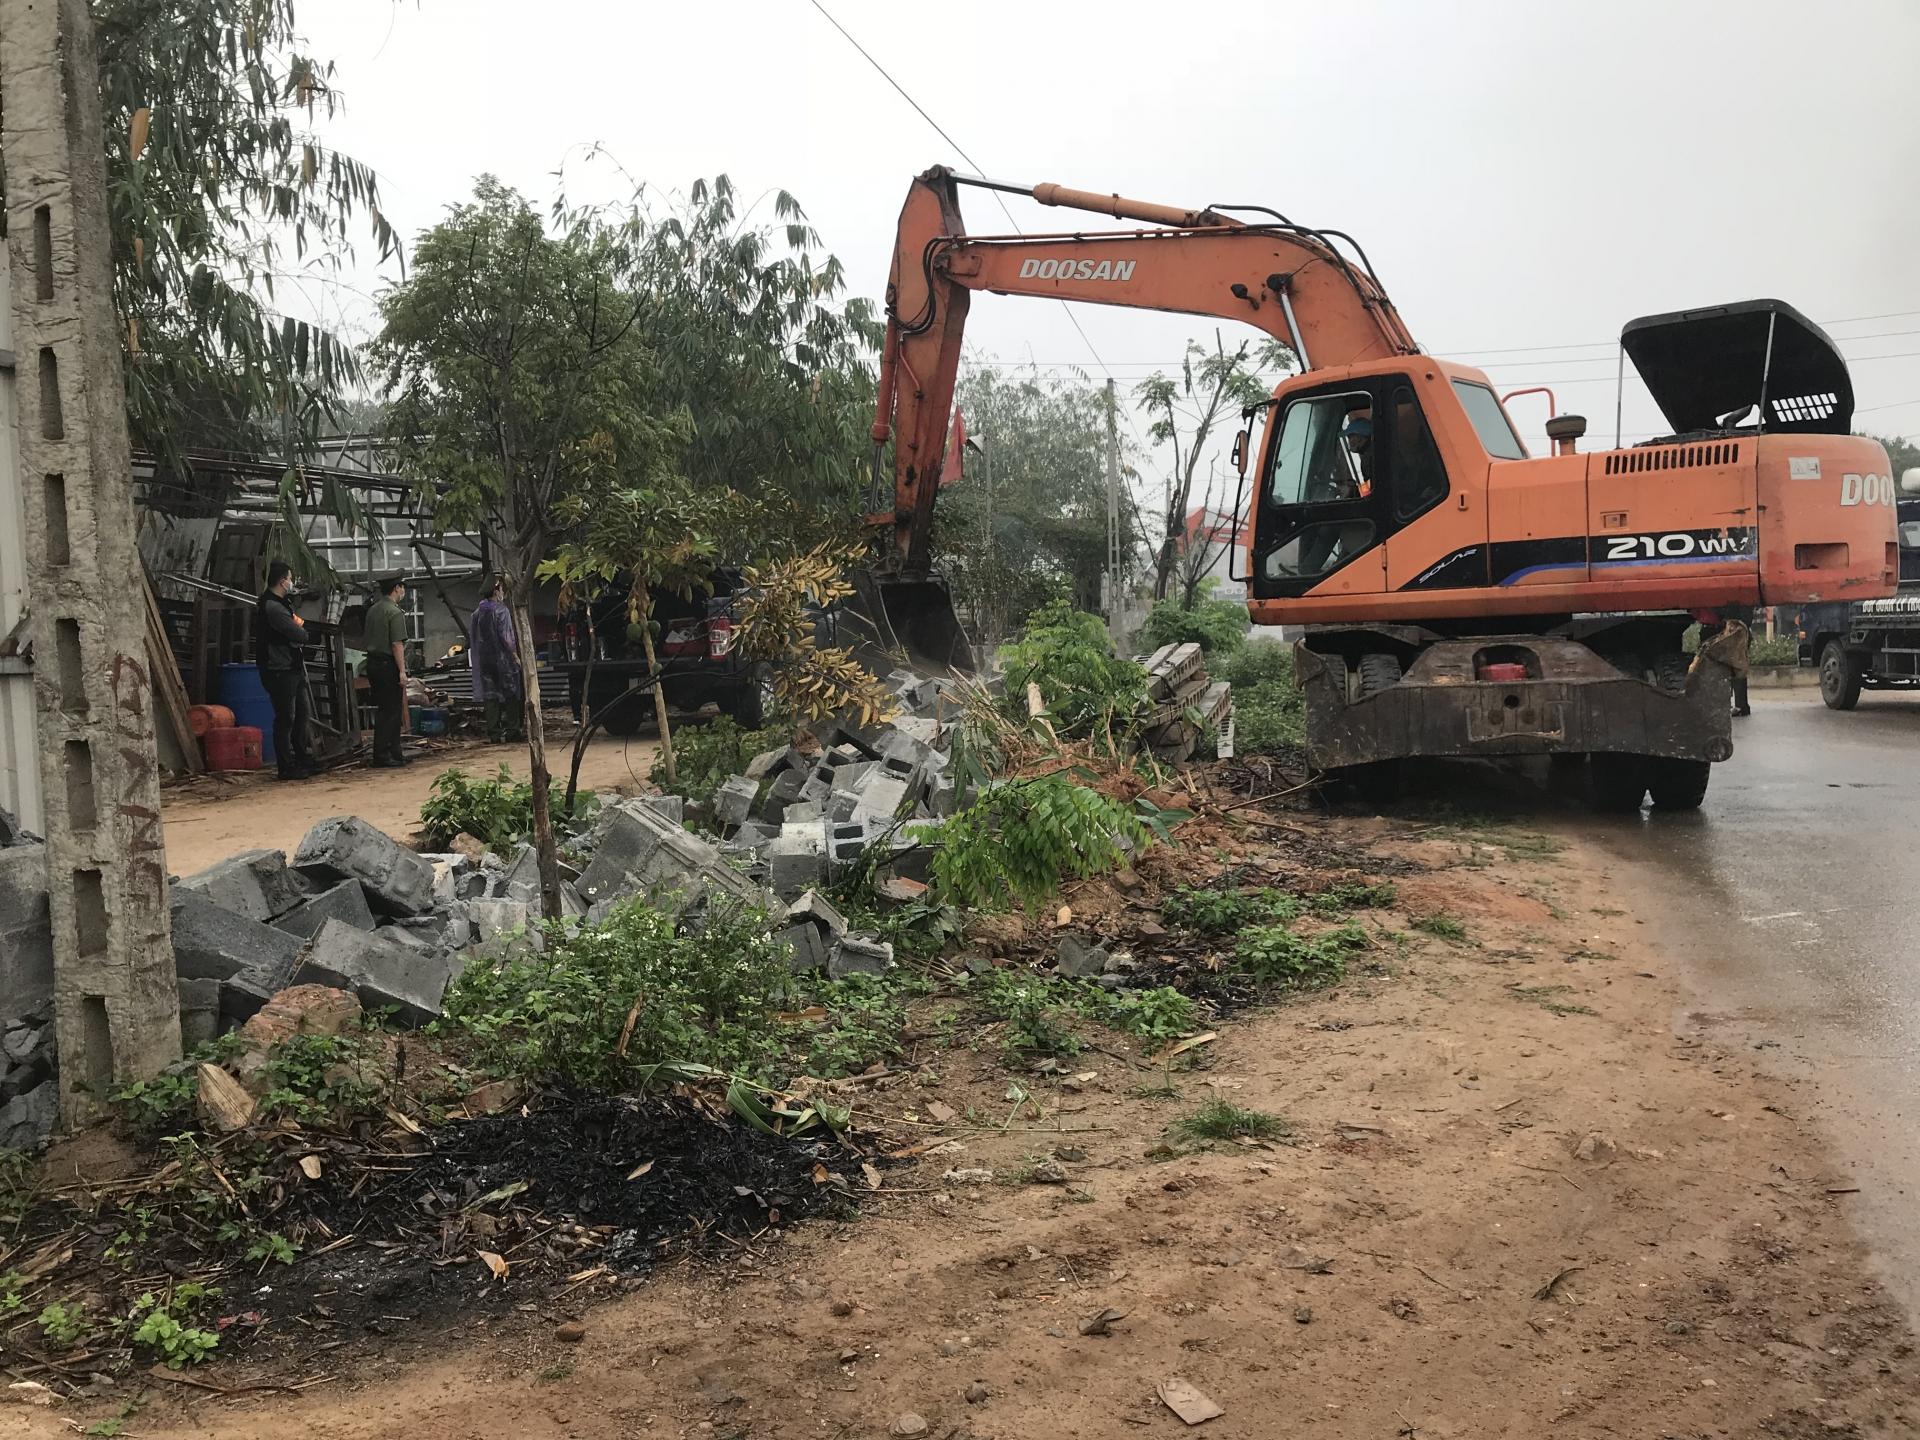 Vĩnh Yên (Vĩnh Phúc): Tổ chức cưỡng chế các trường hợp vi phạm lấn chiếm đất tại thôn Tấm